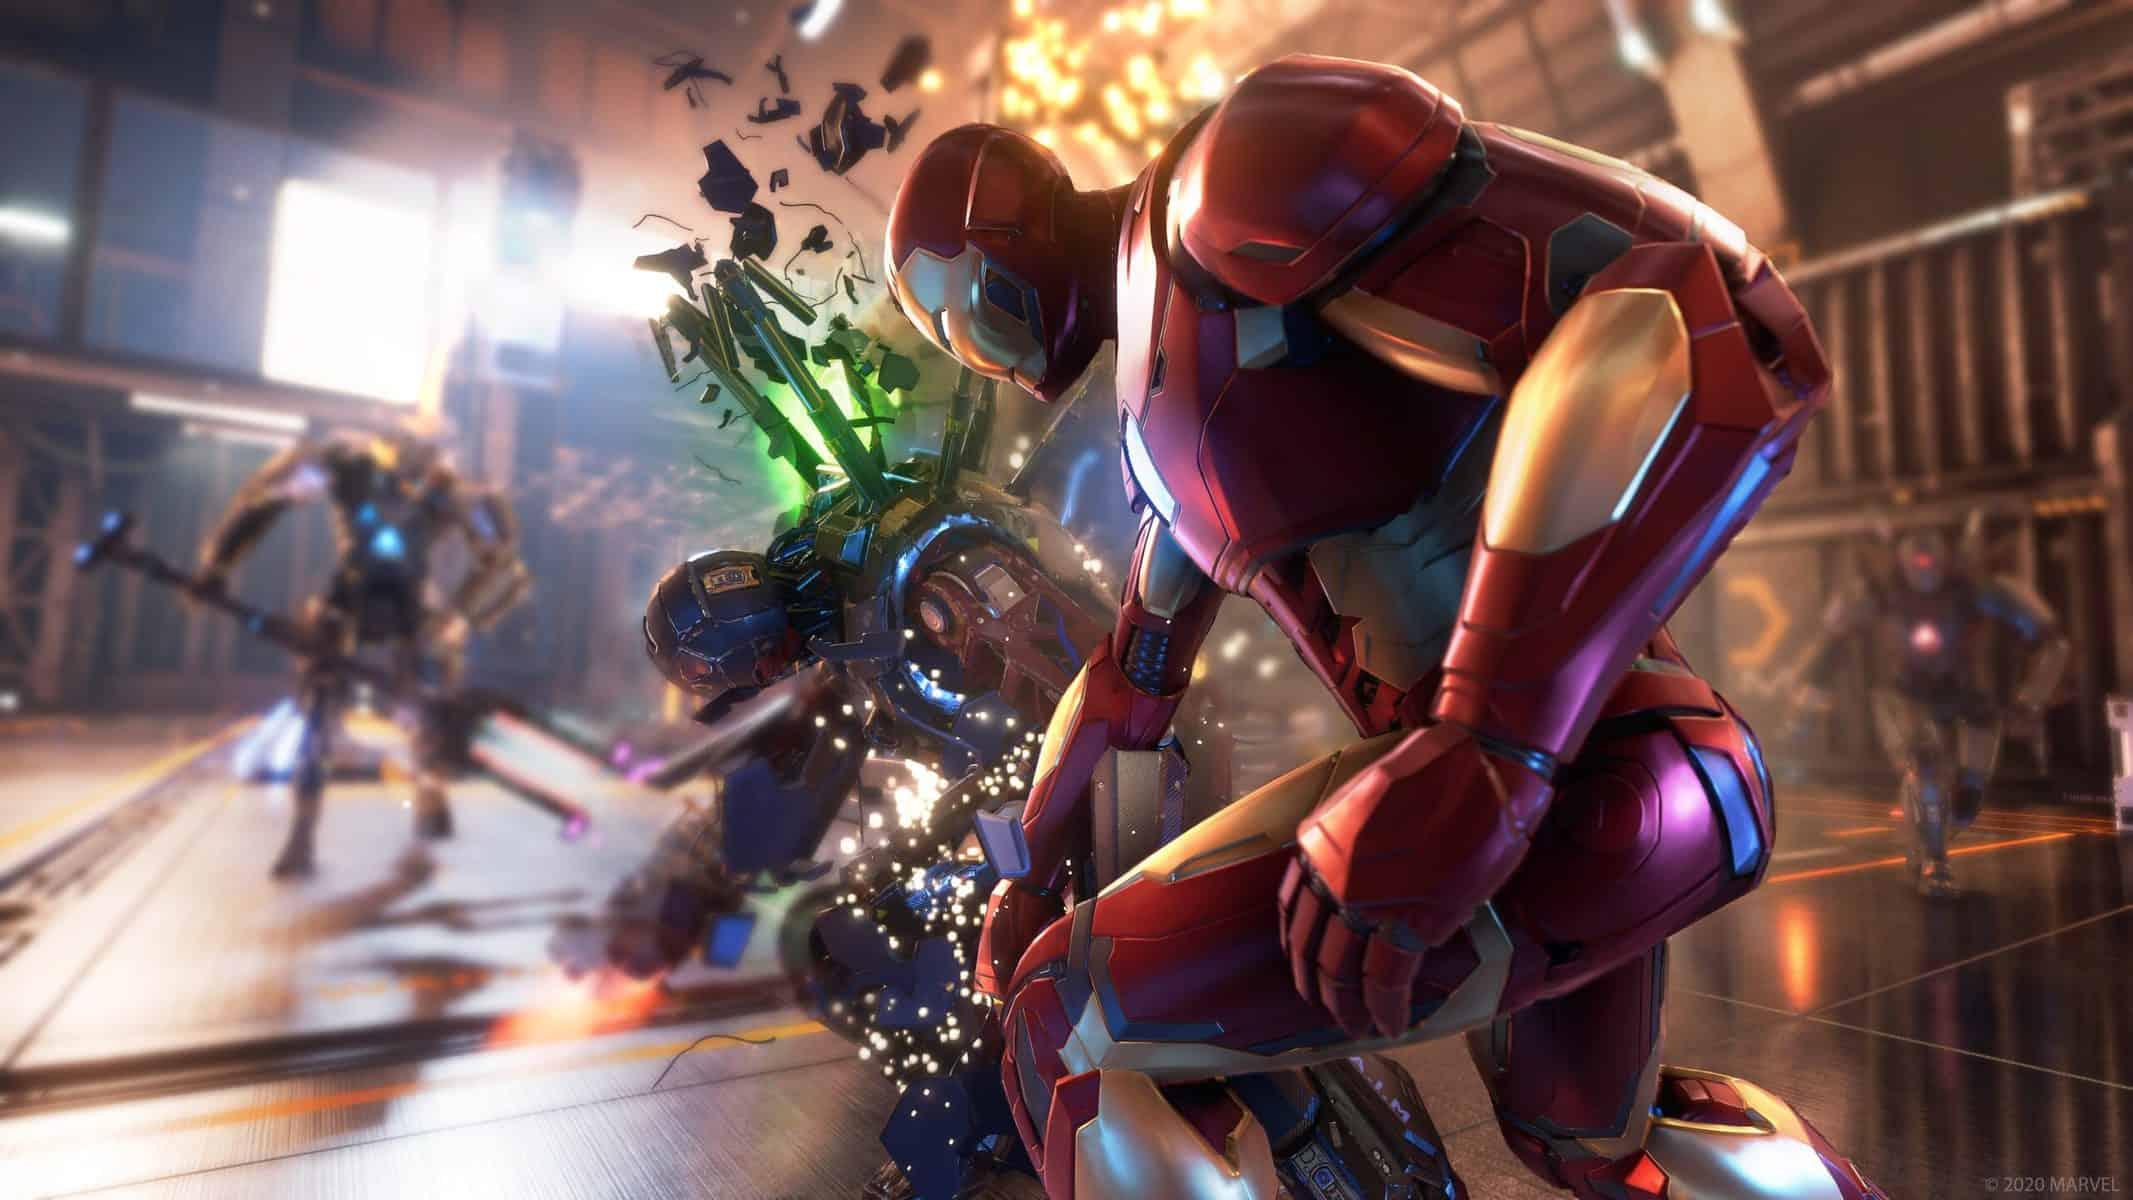 Marvel's Avengers : des contenus exclusifs sont prévus sur PS5 et PS4